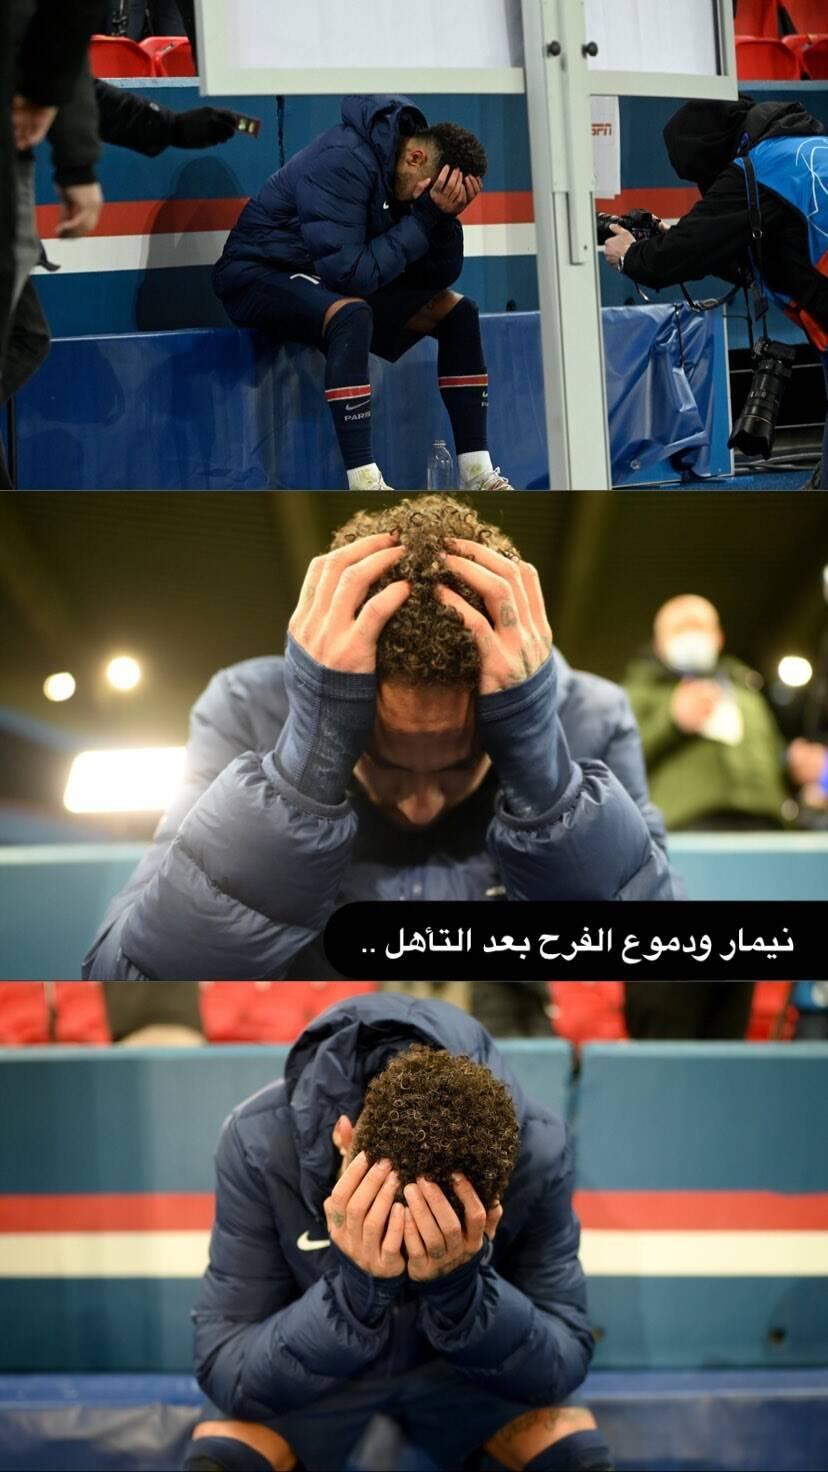 كريم سعيد ' snap